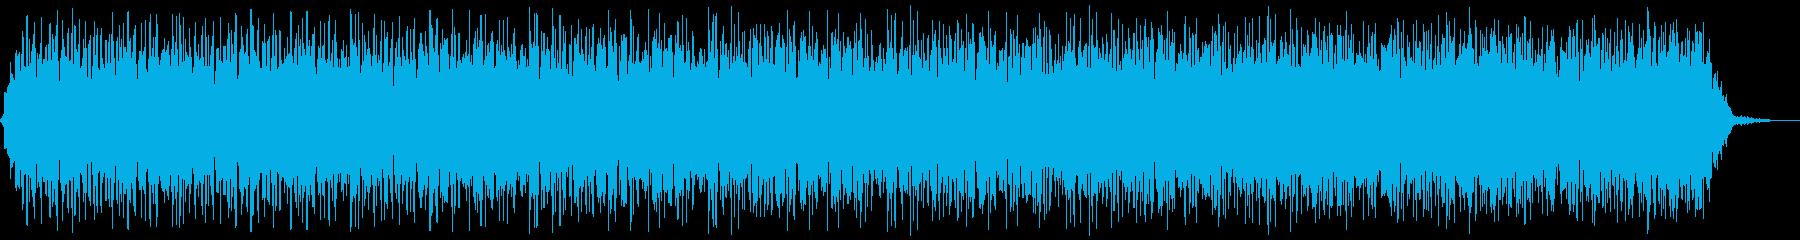 地底を感じさせるサウンドスケープの再生済みの波形